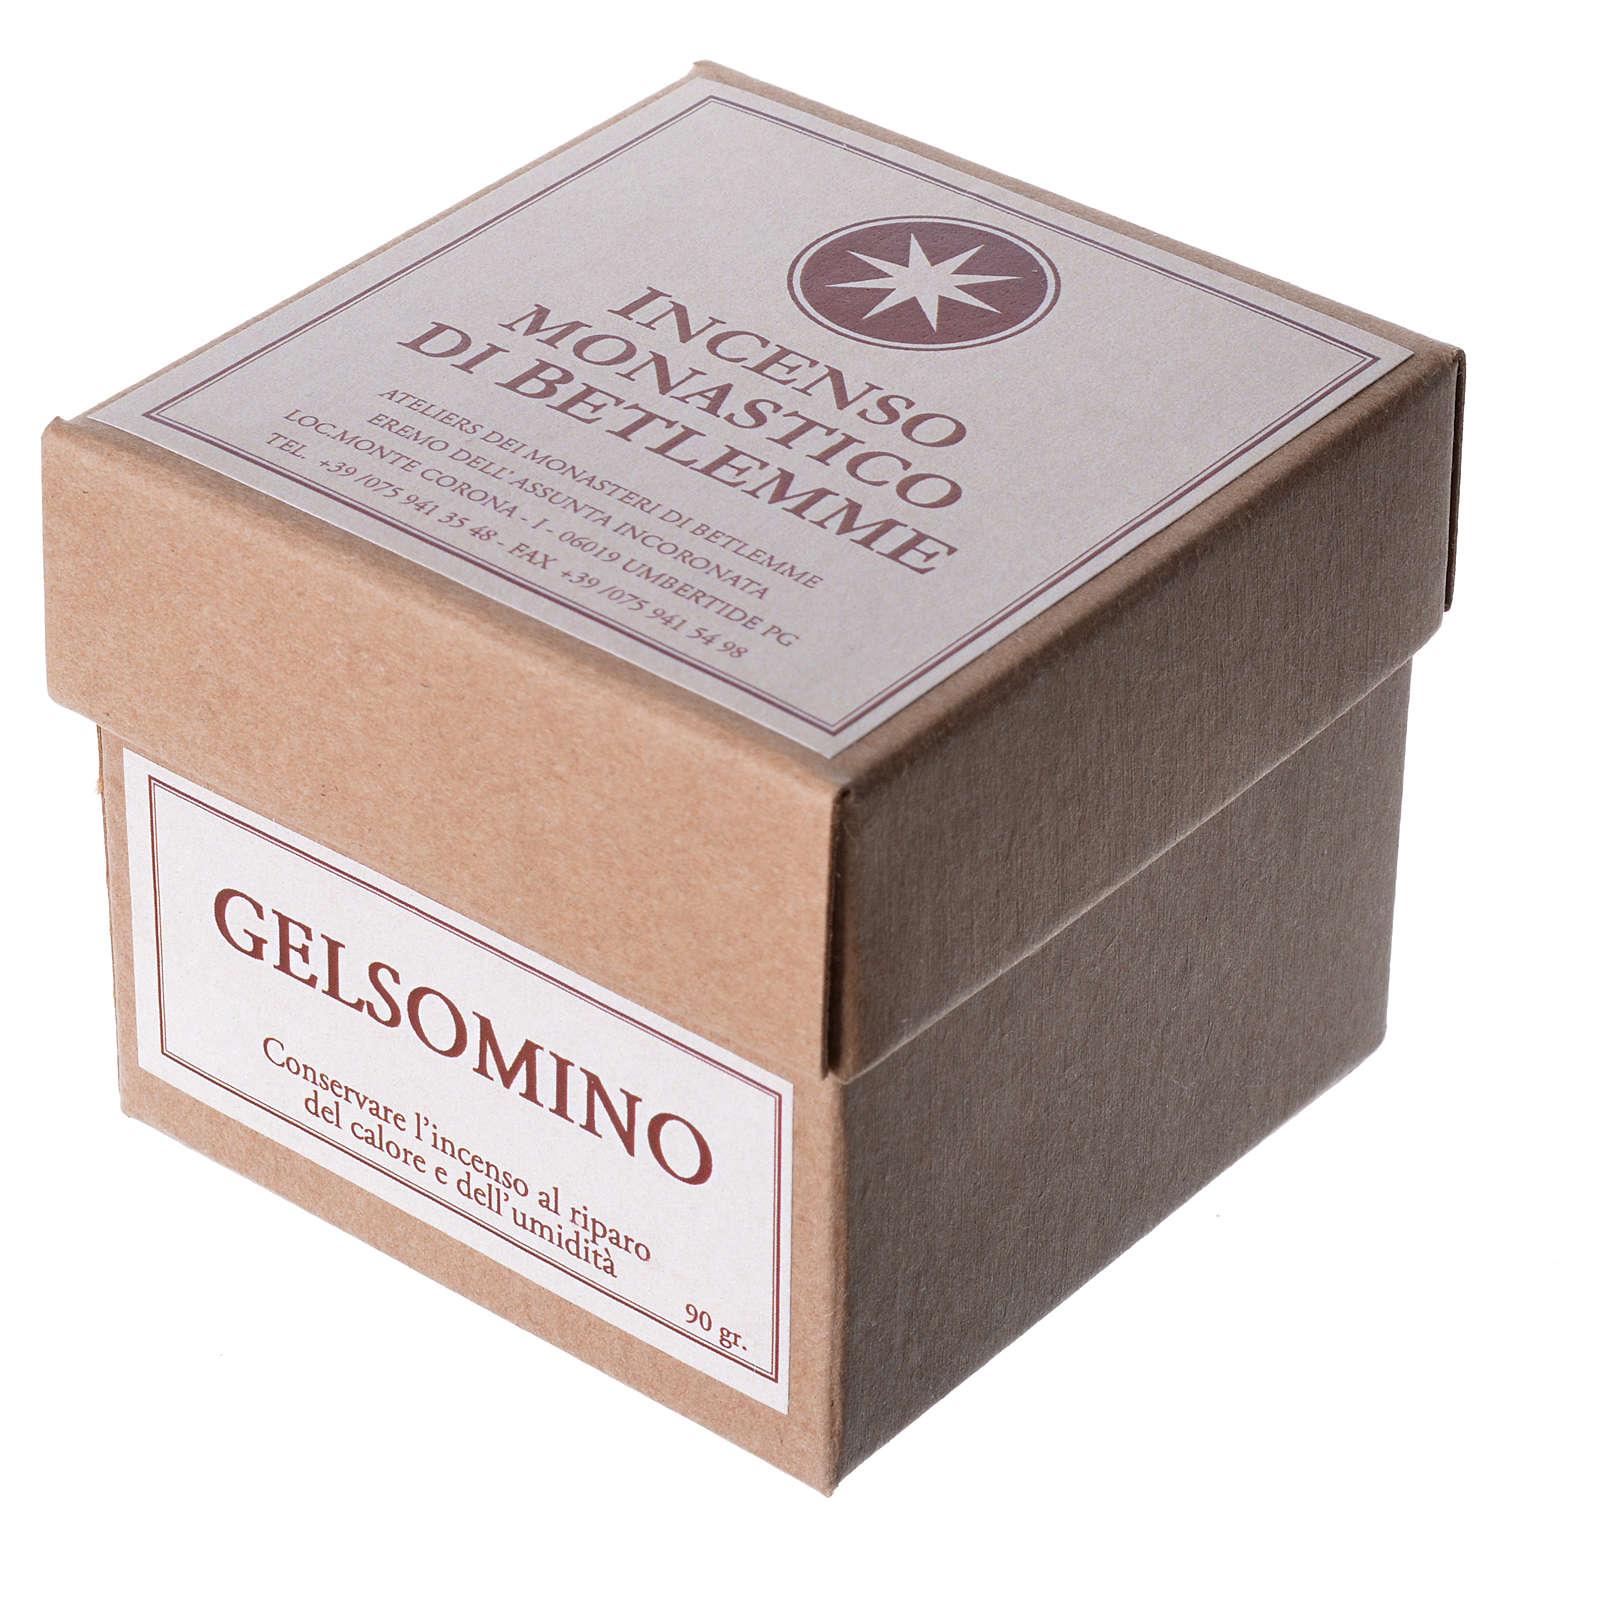 Jasmine Incense, Bethlehem Monks 90gr 3